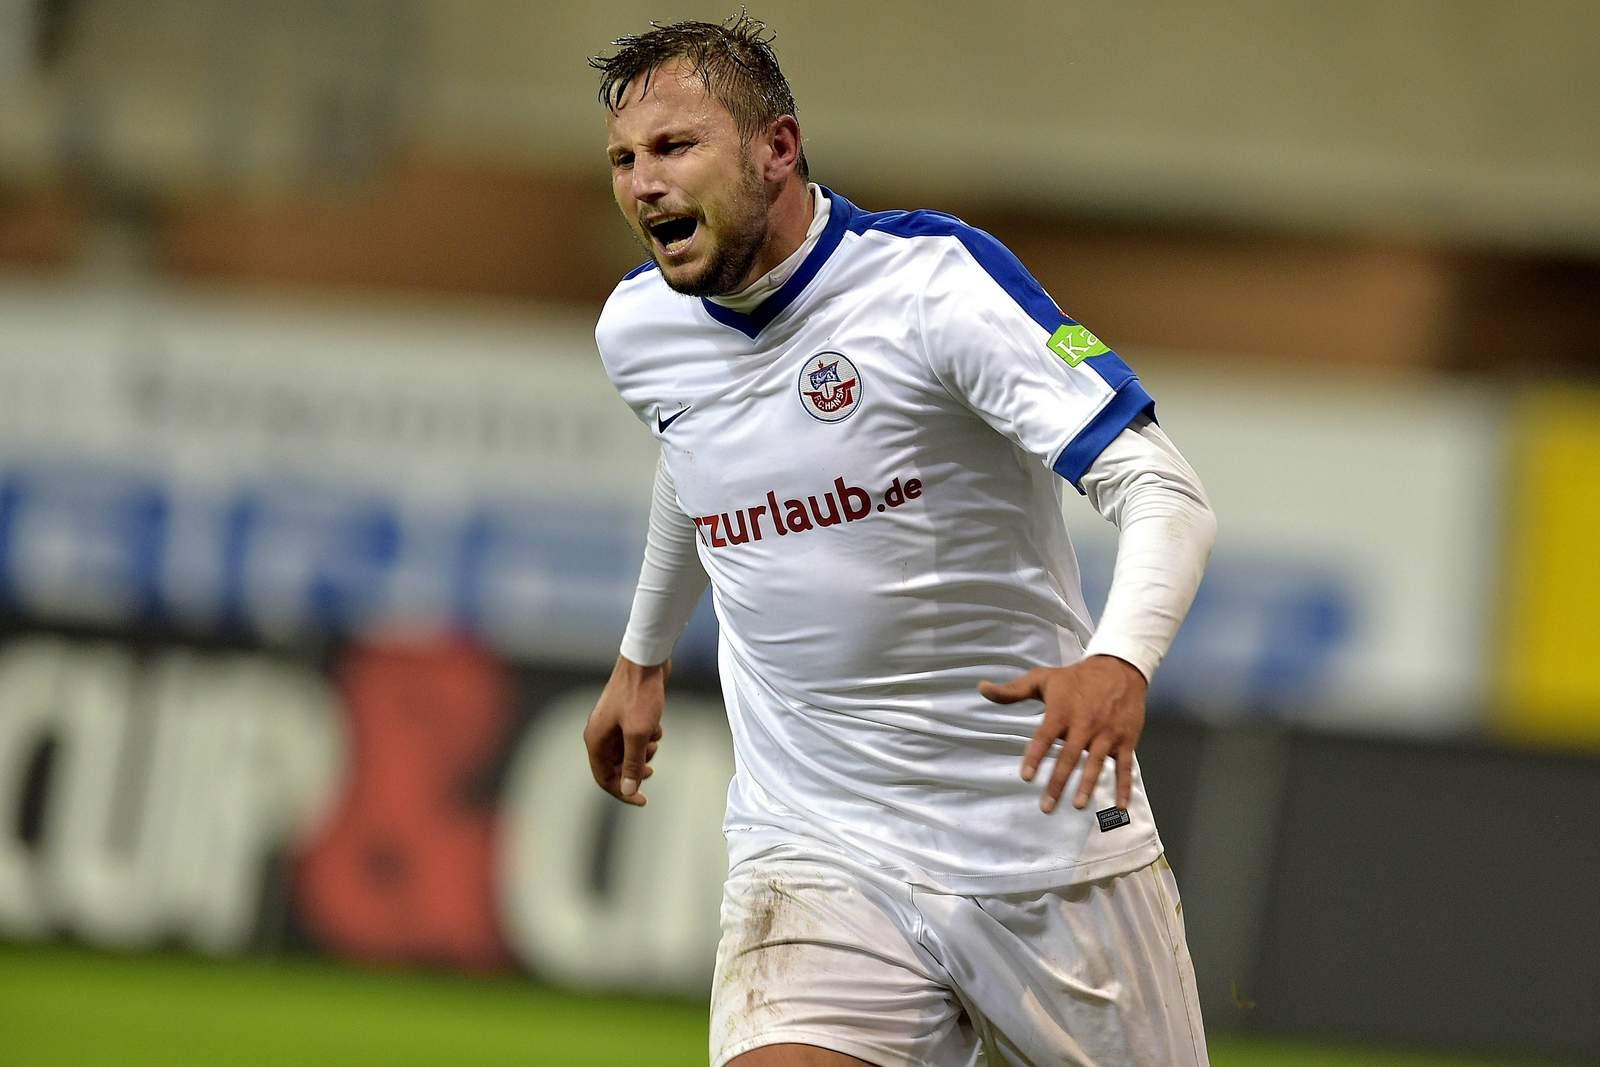 Marcel Ziemer jubelt für Hansa Rostock